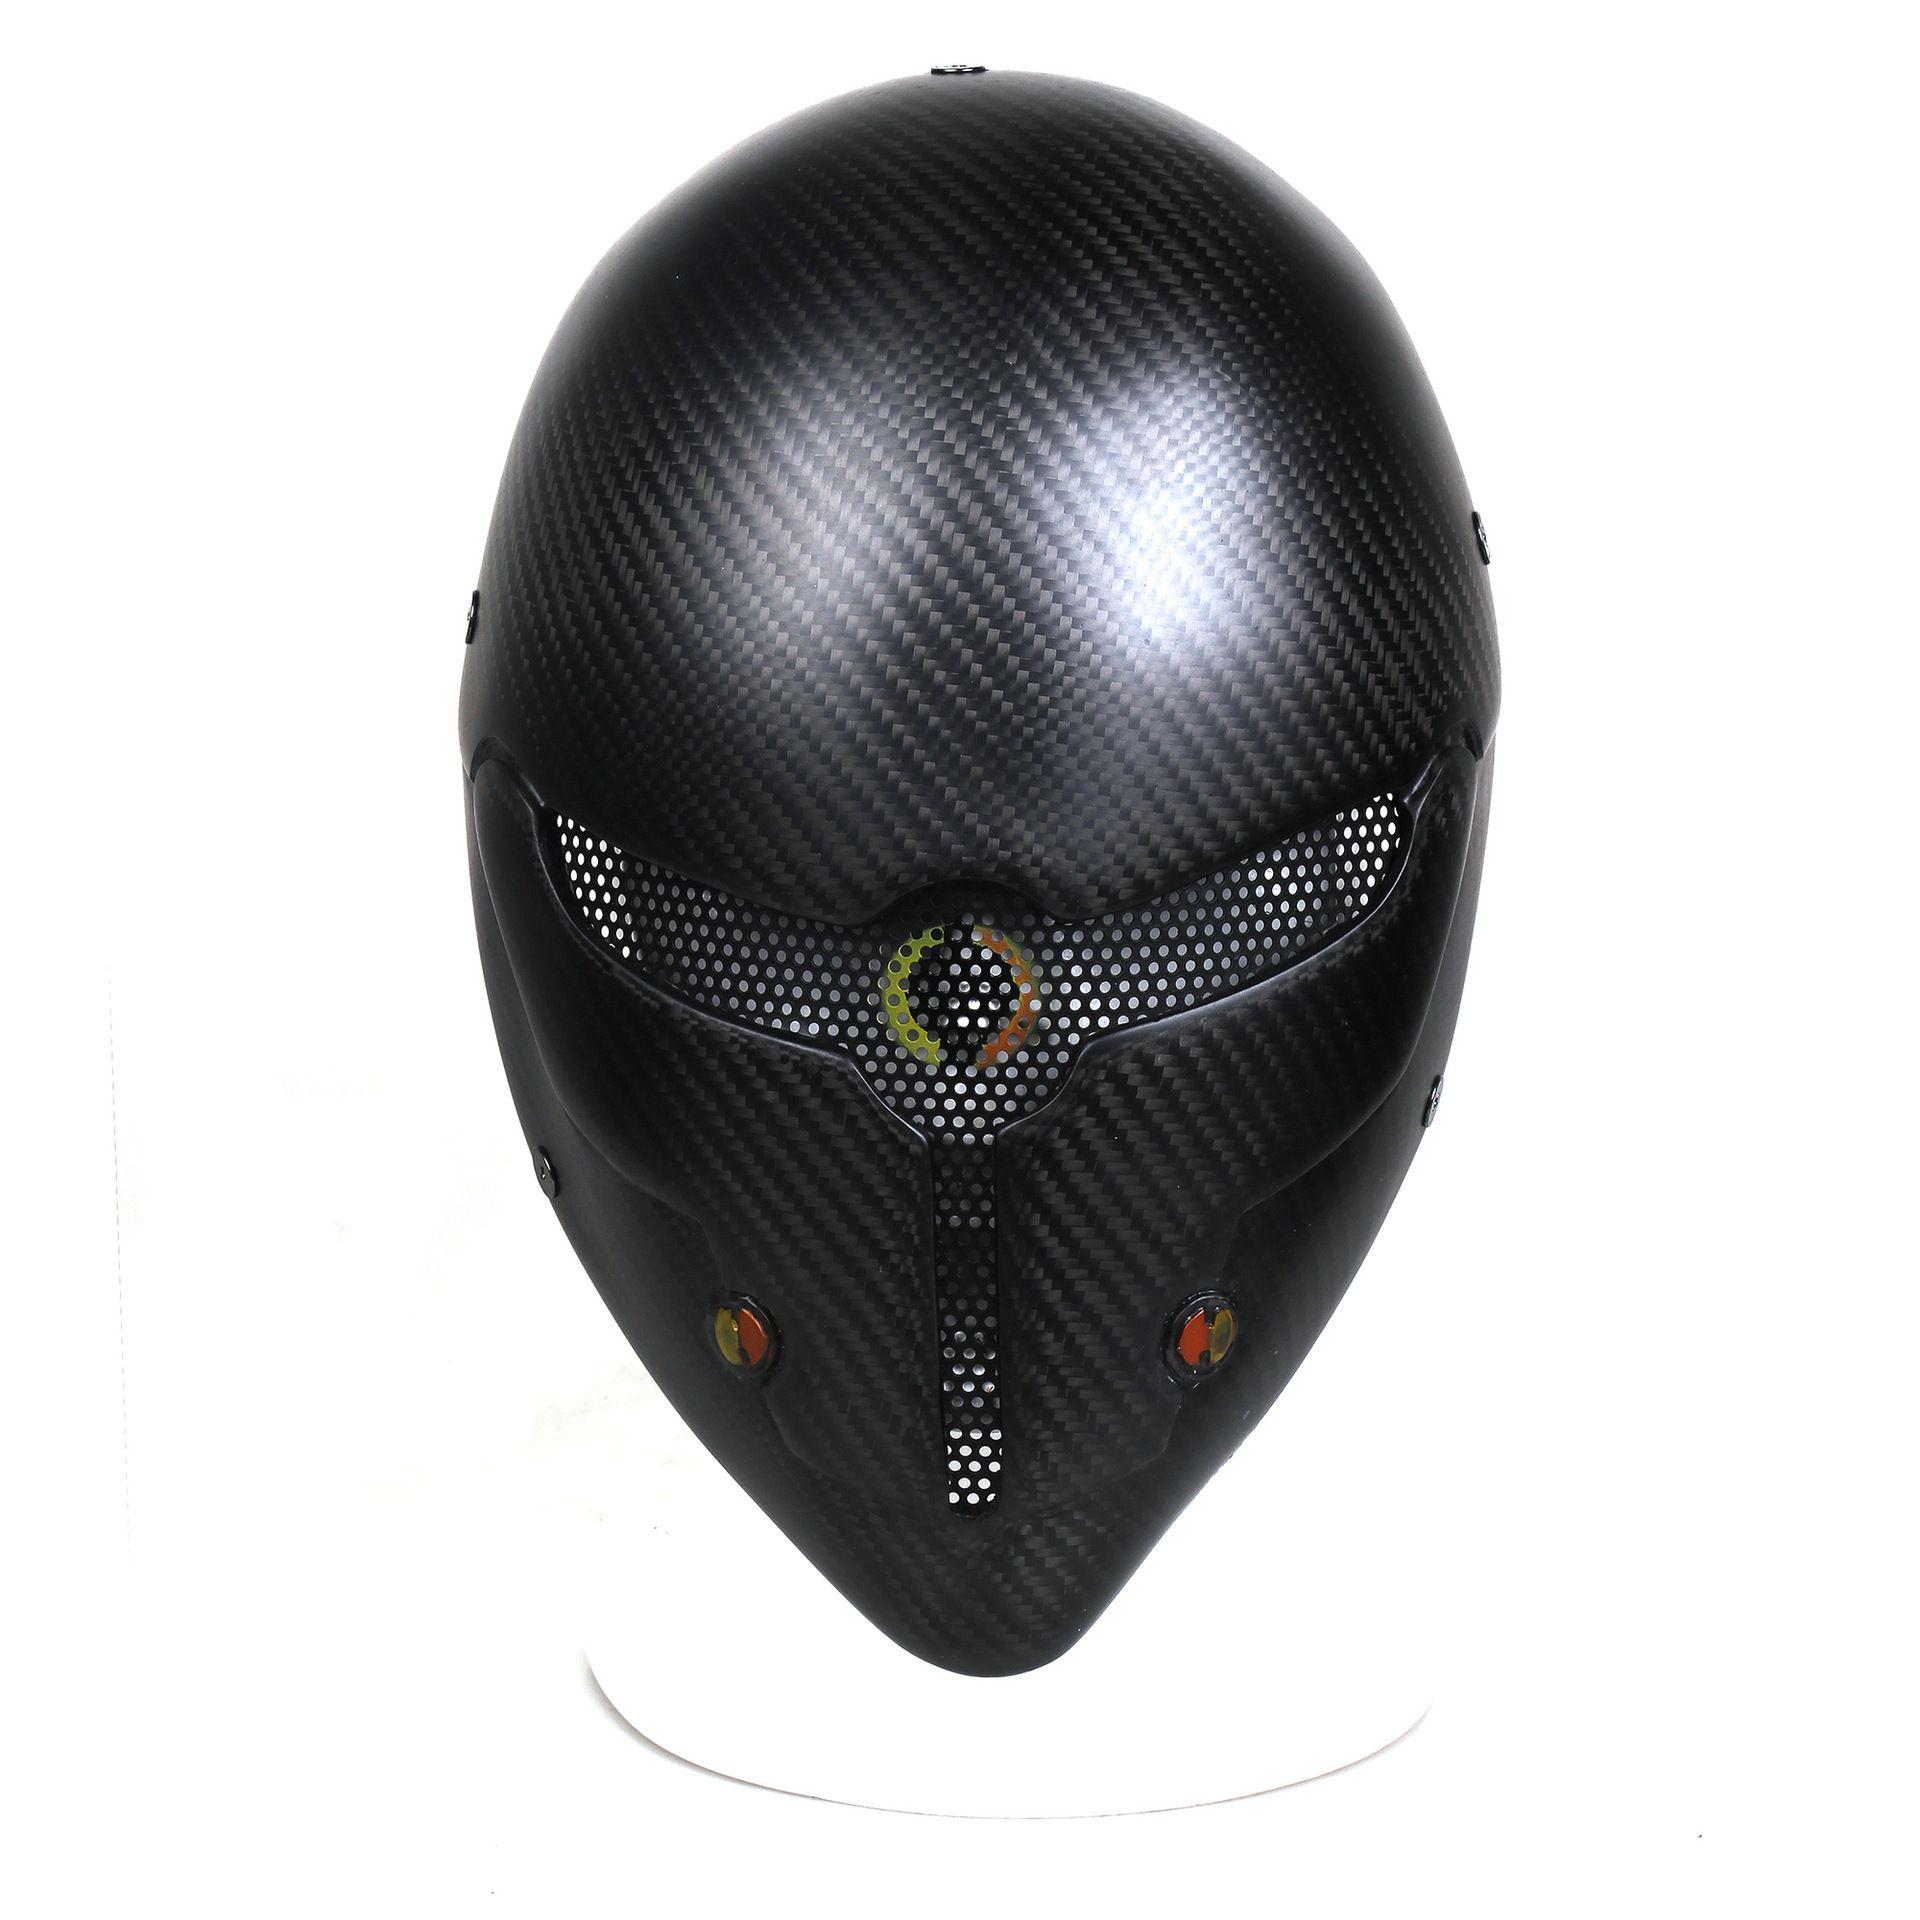 New Design Esporte Fibra De Carbono Ao Ar Livre Combate Tático Cinza Raposa Máscara Facial Completa, Paintball Máscara de Proteção Capa para Venda